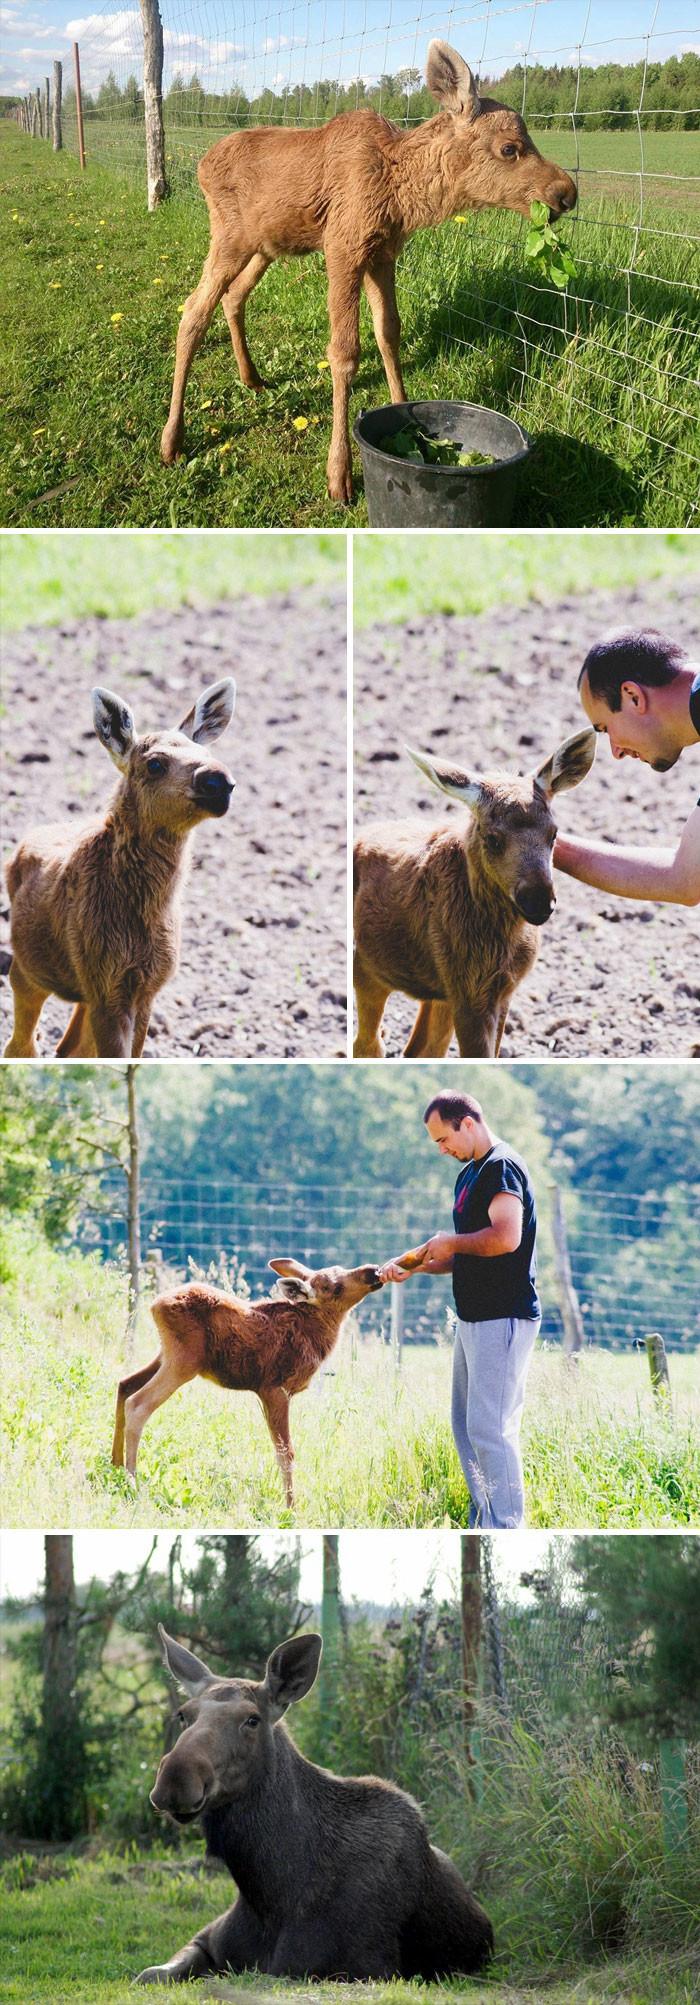 Спасенный лосенок каждый день приходит к своему спасителю, чтобы поиграть с ним животные, спасение, счастливый конец